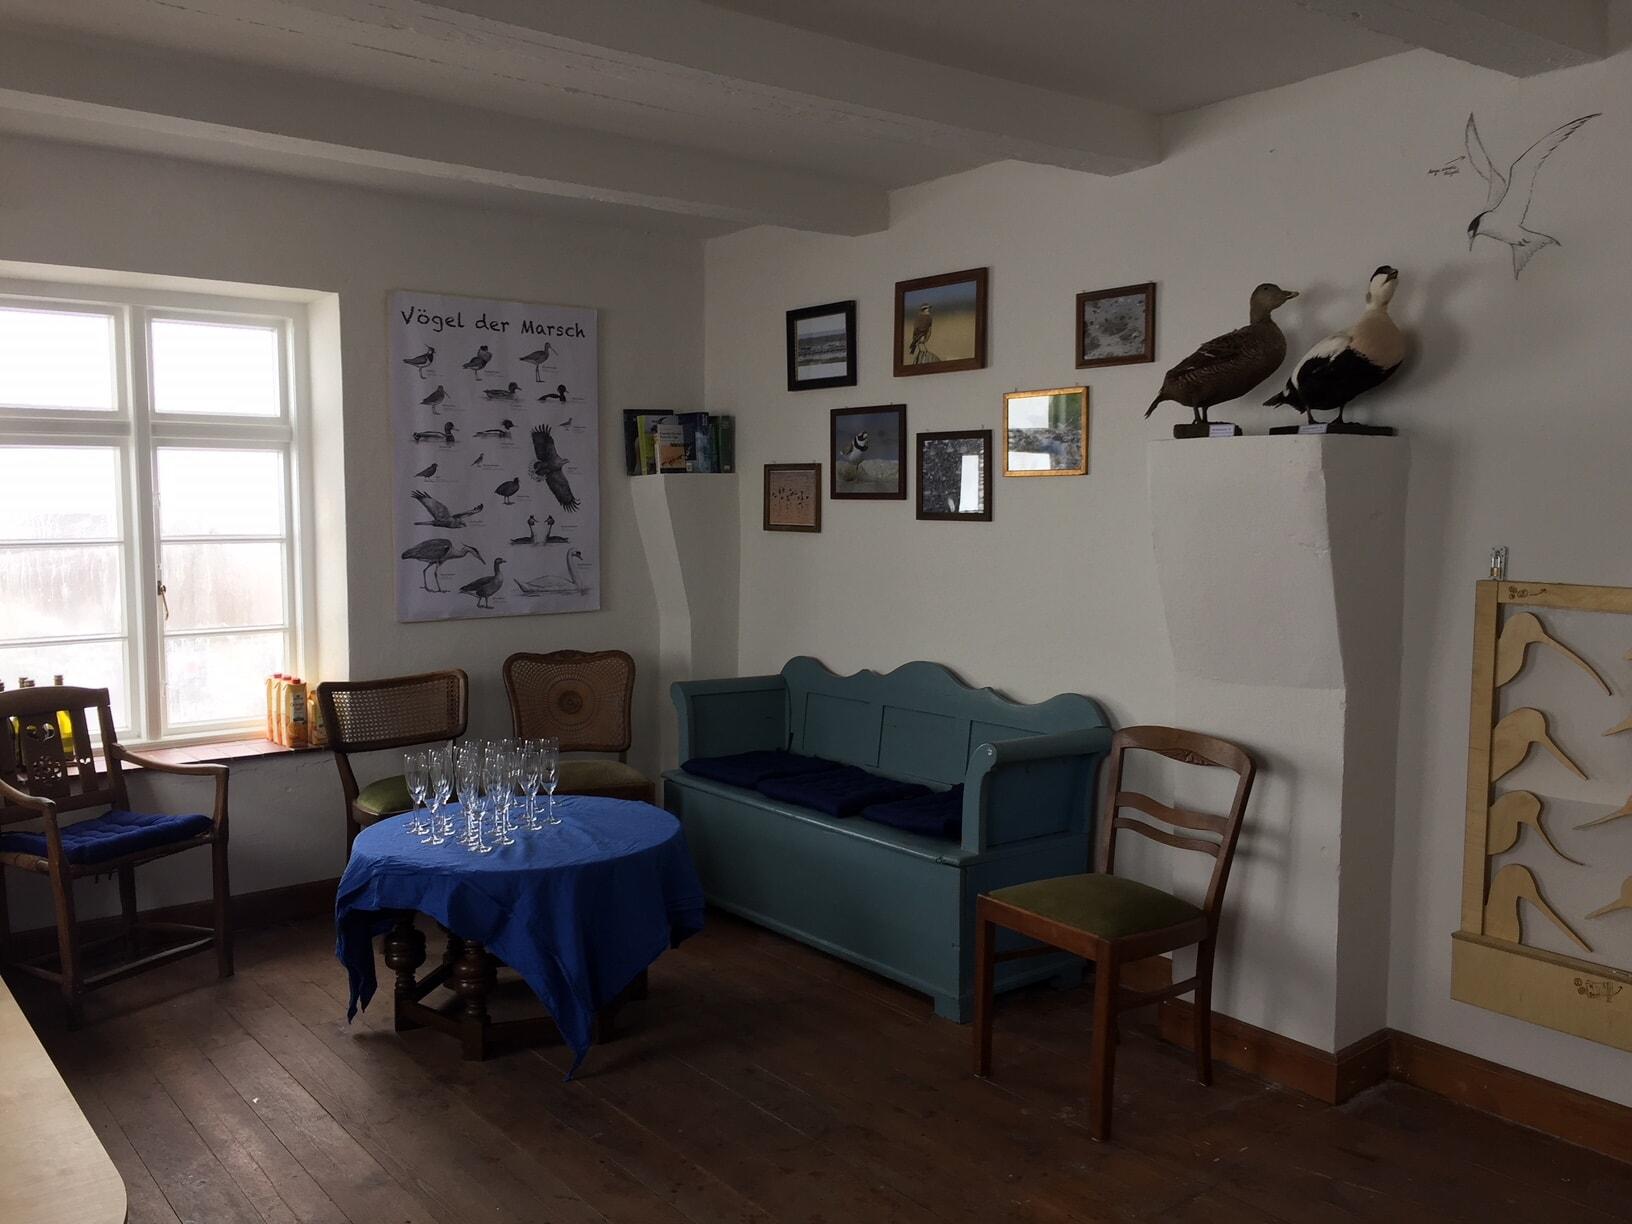 Zu Gast im Wohnzimmer des Vogelwärters